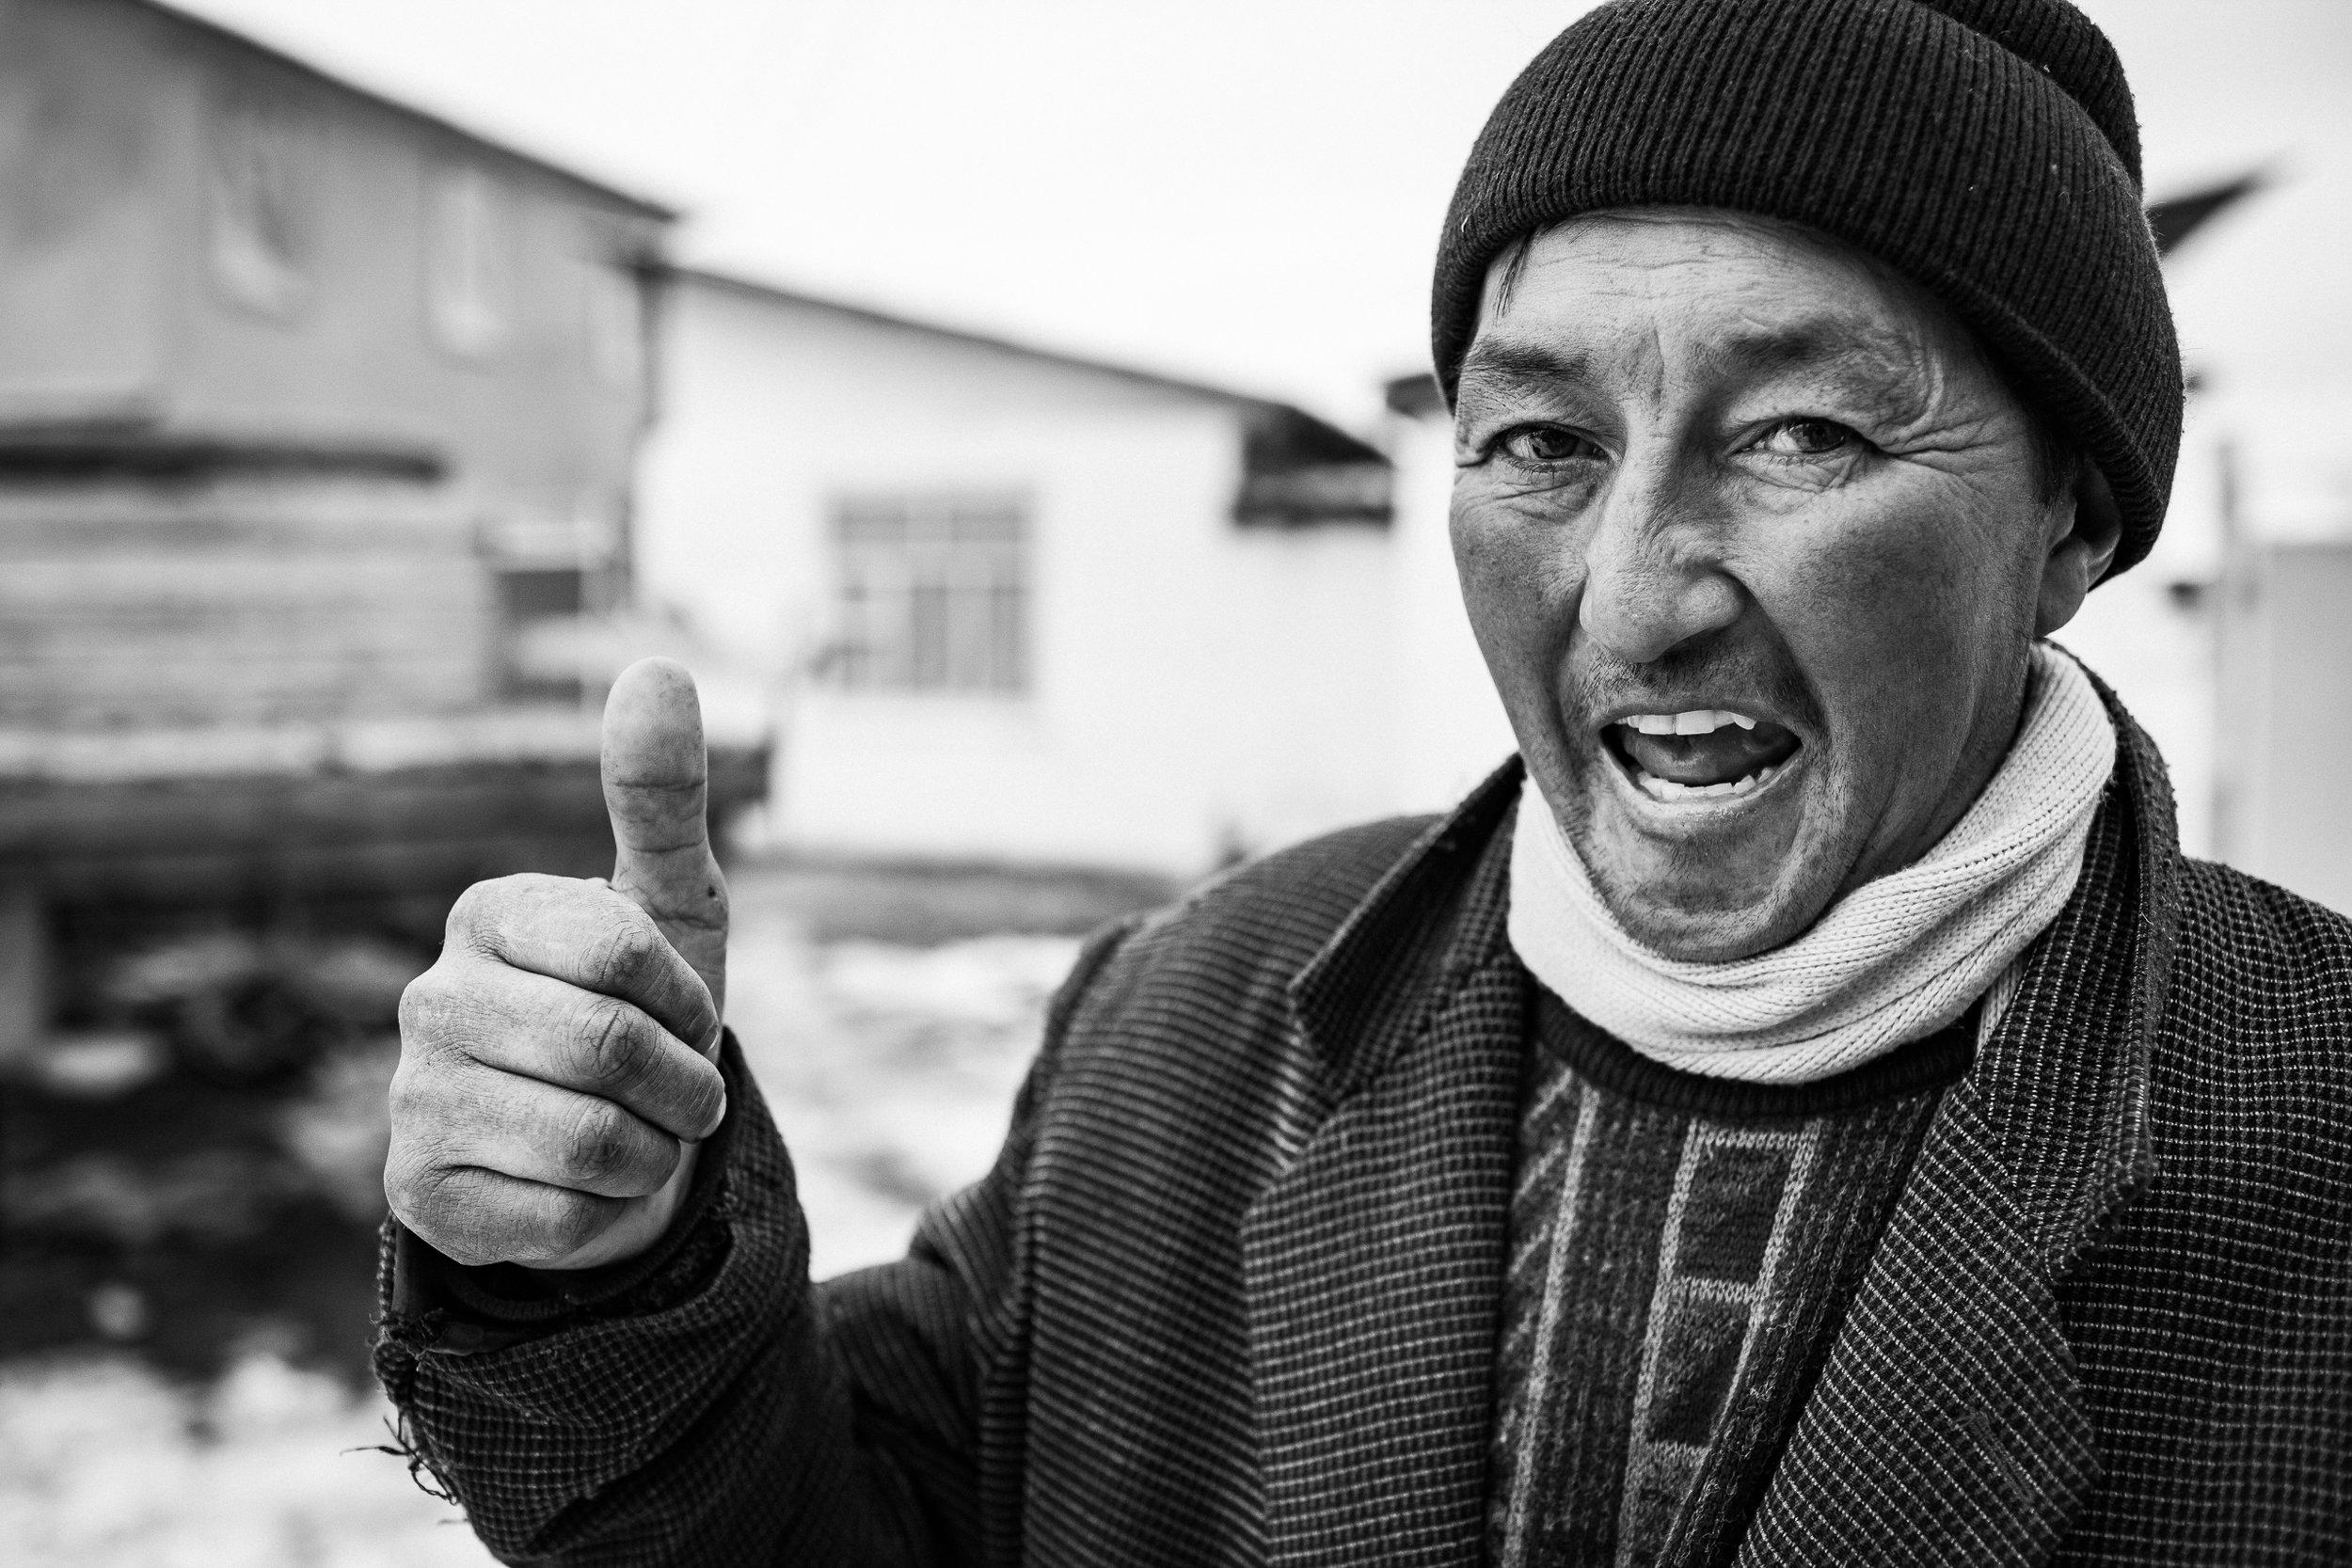 Gaudenz Danuser-Karakol, Kyrgyzstan-110303-09-27-14.jpg